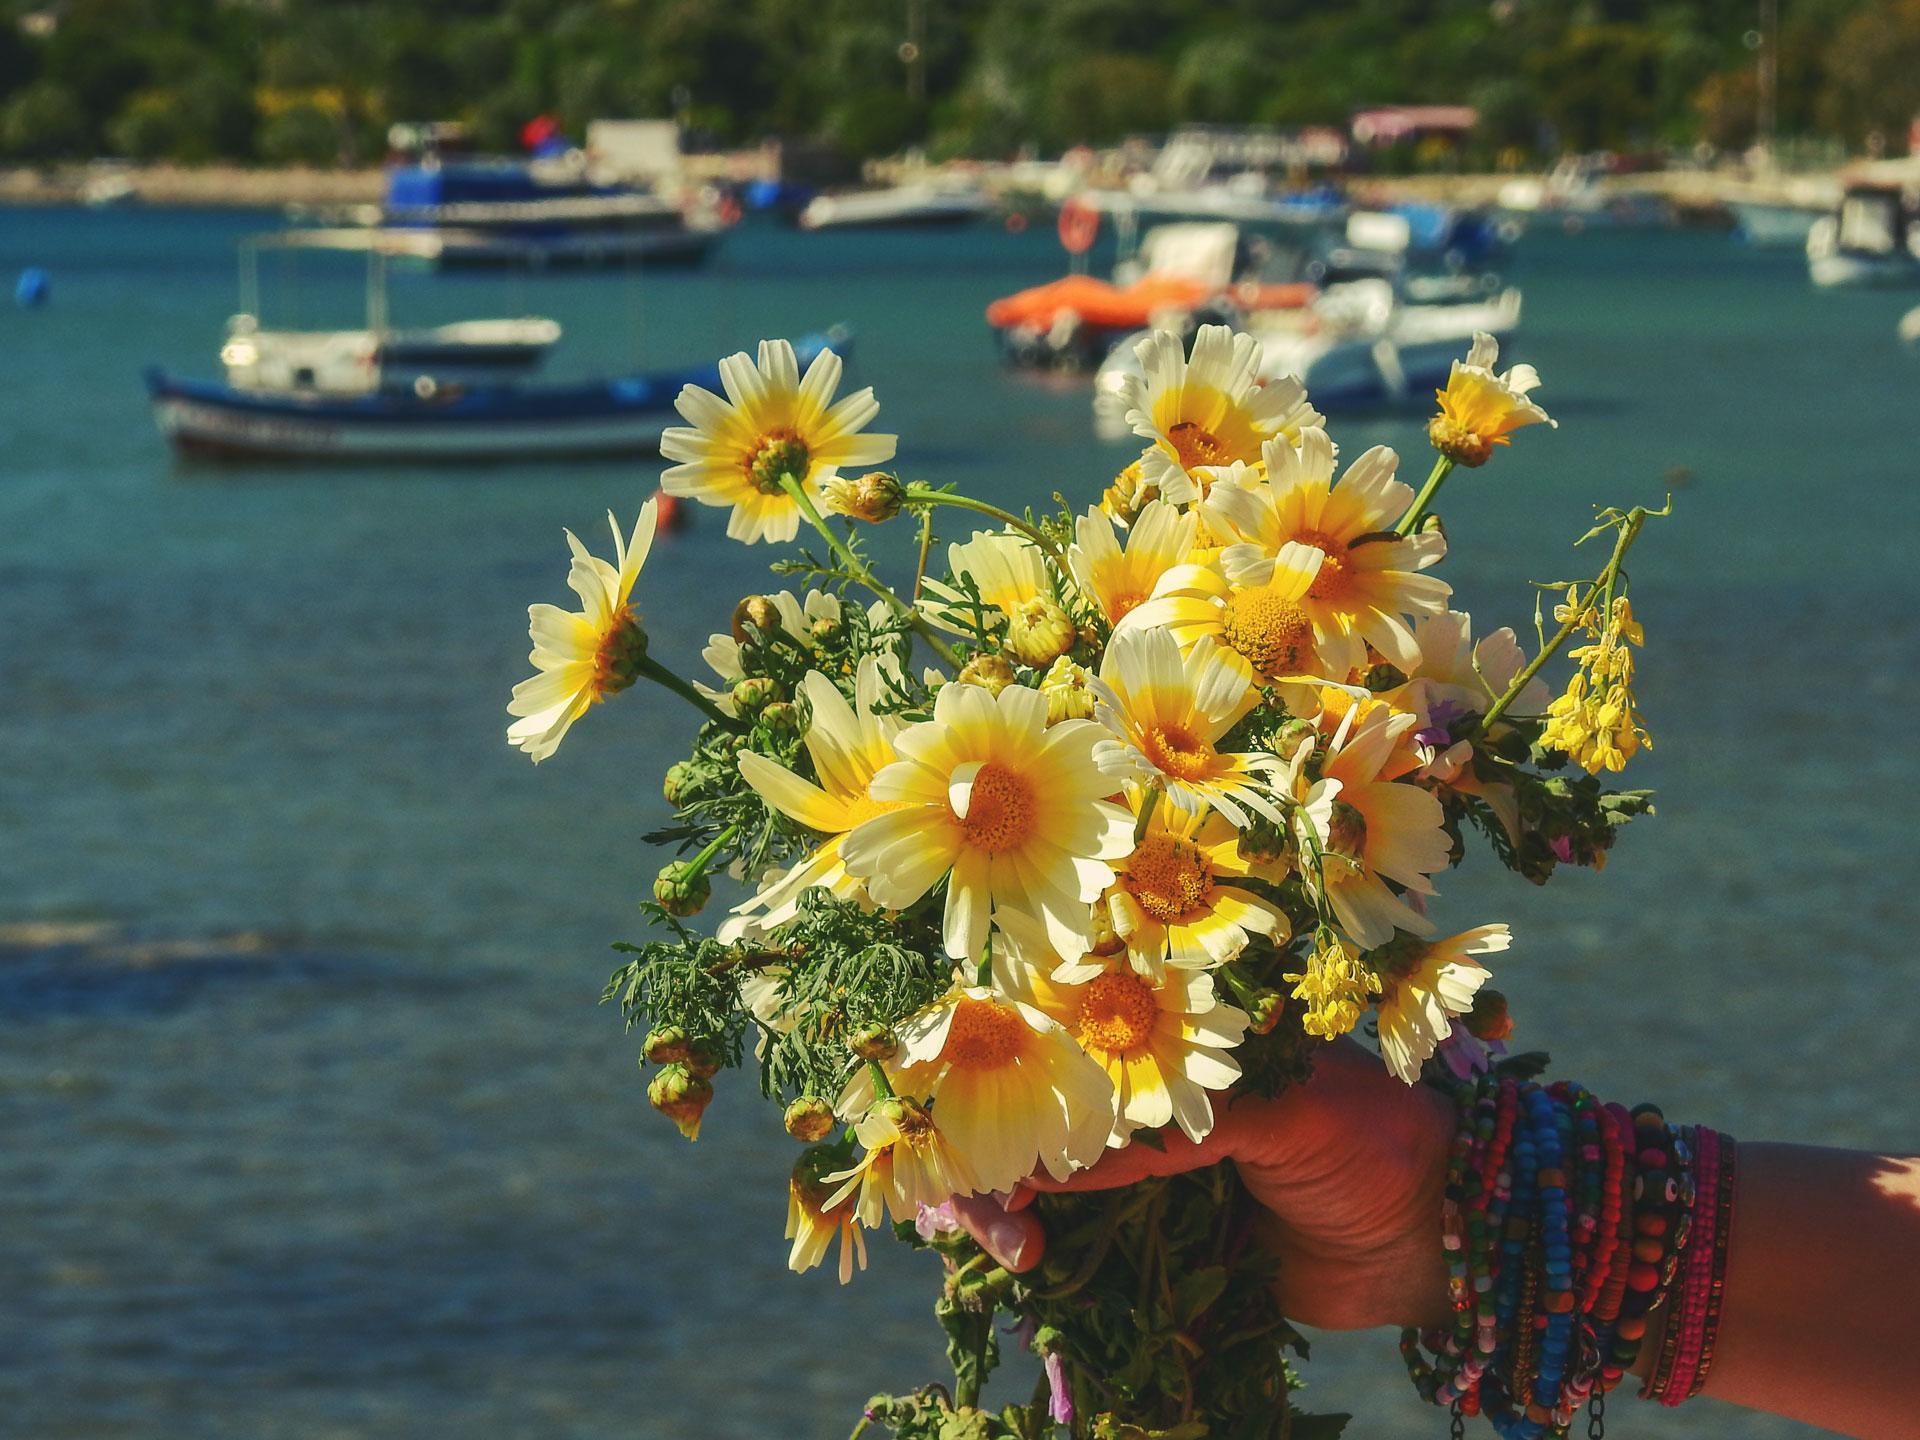 Ildır Fotoğrafları Izmir Türkiye Çekergezer Hakan Aydın Gezgin Fotoğrafçı www.cekergezer.com www.cekergezer.com